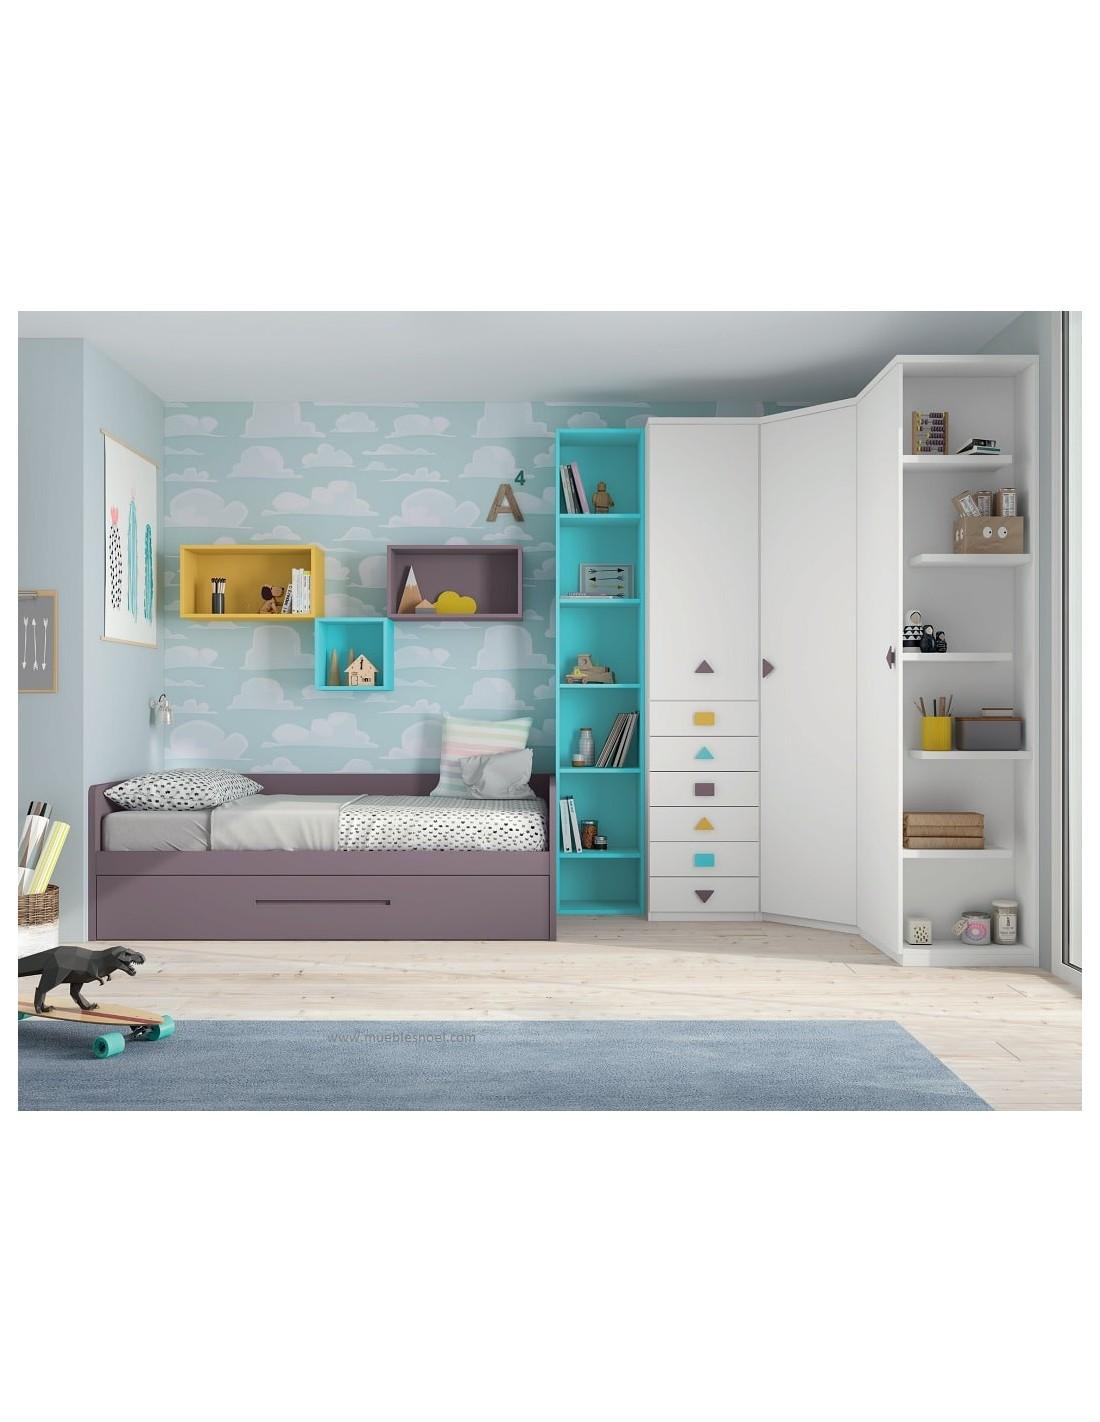 Dormitorio juvenil con grandes armarios y cama nido de muebles noel - Armarios de dormitorio merkamueble ...